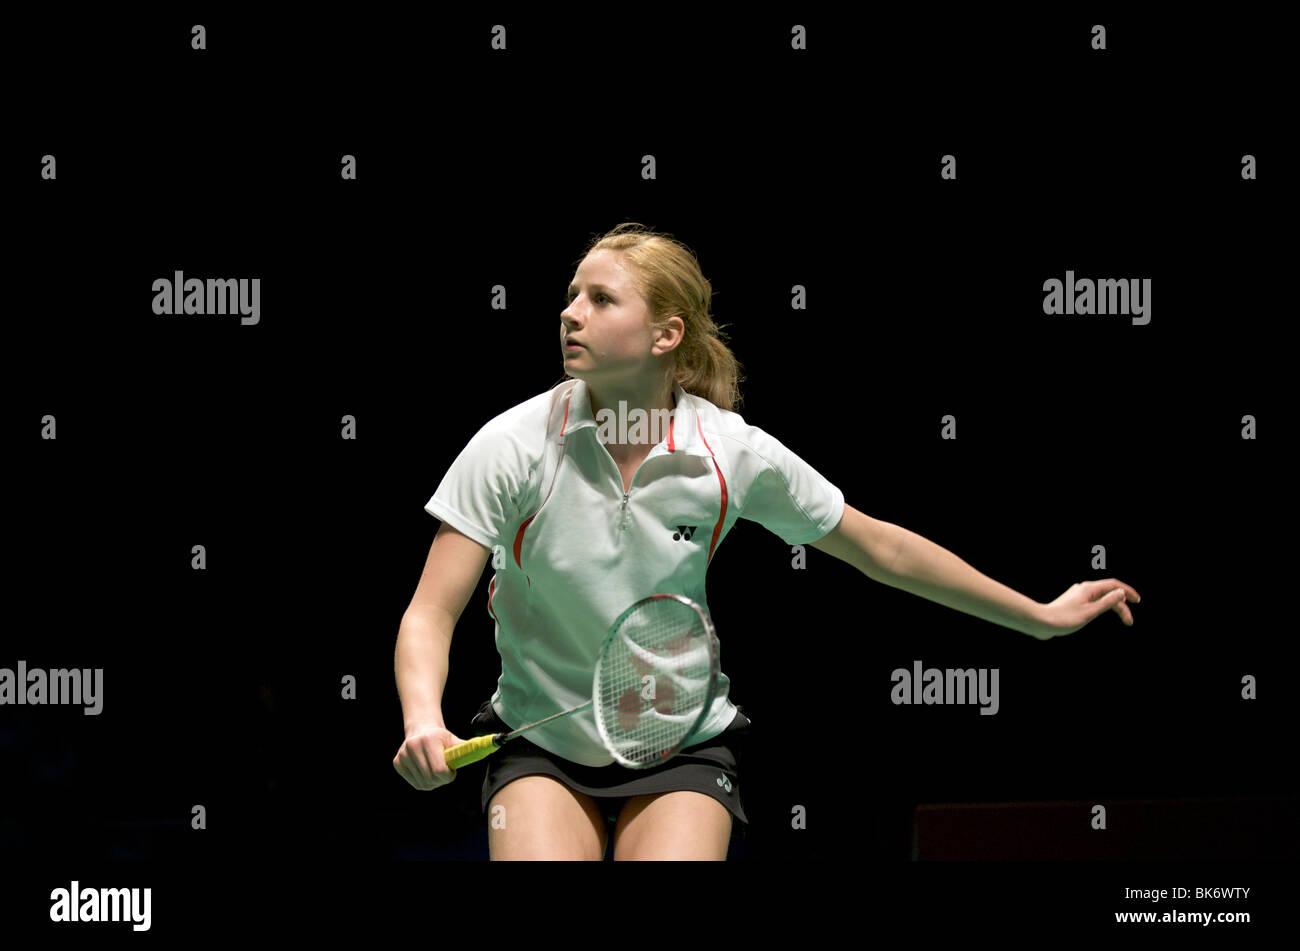 Anna Narel si prepara a ricevere un servizio a livello europeo Badminton Championships di Mancester 2010 Immagini Stock